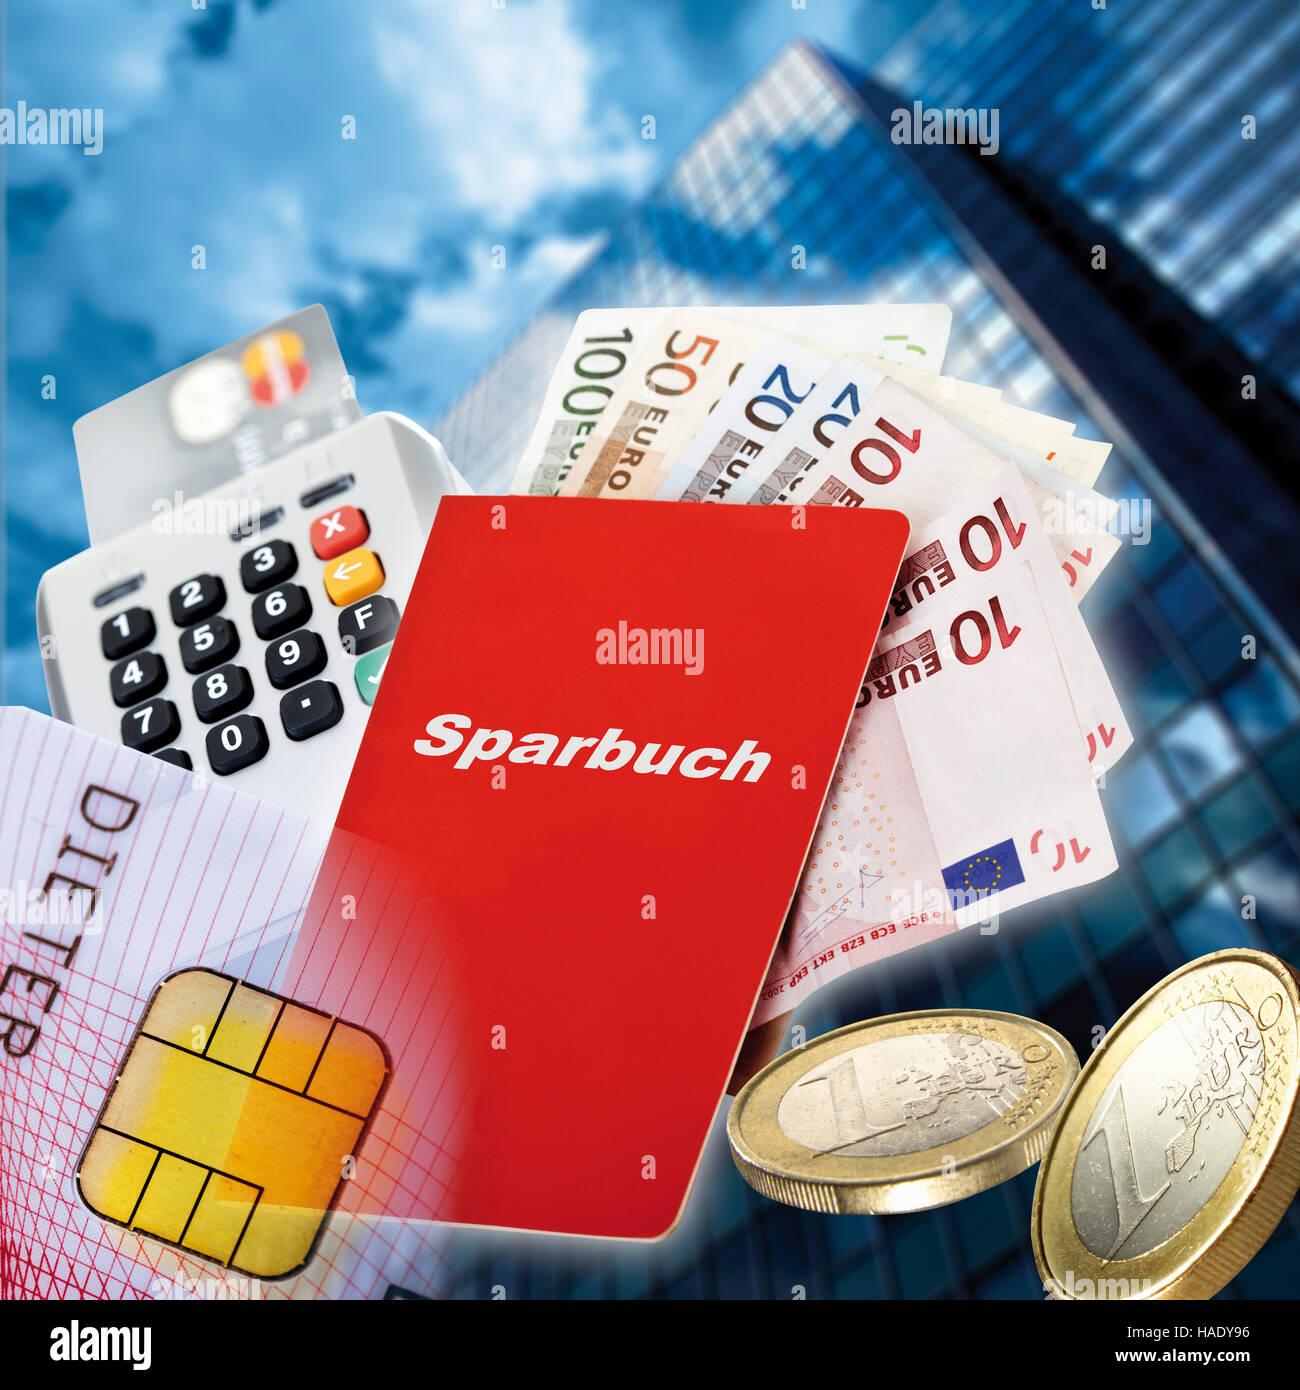 Sparkonto Buch Euro Banknoten Euro Münzen Kartenlesegerät